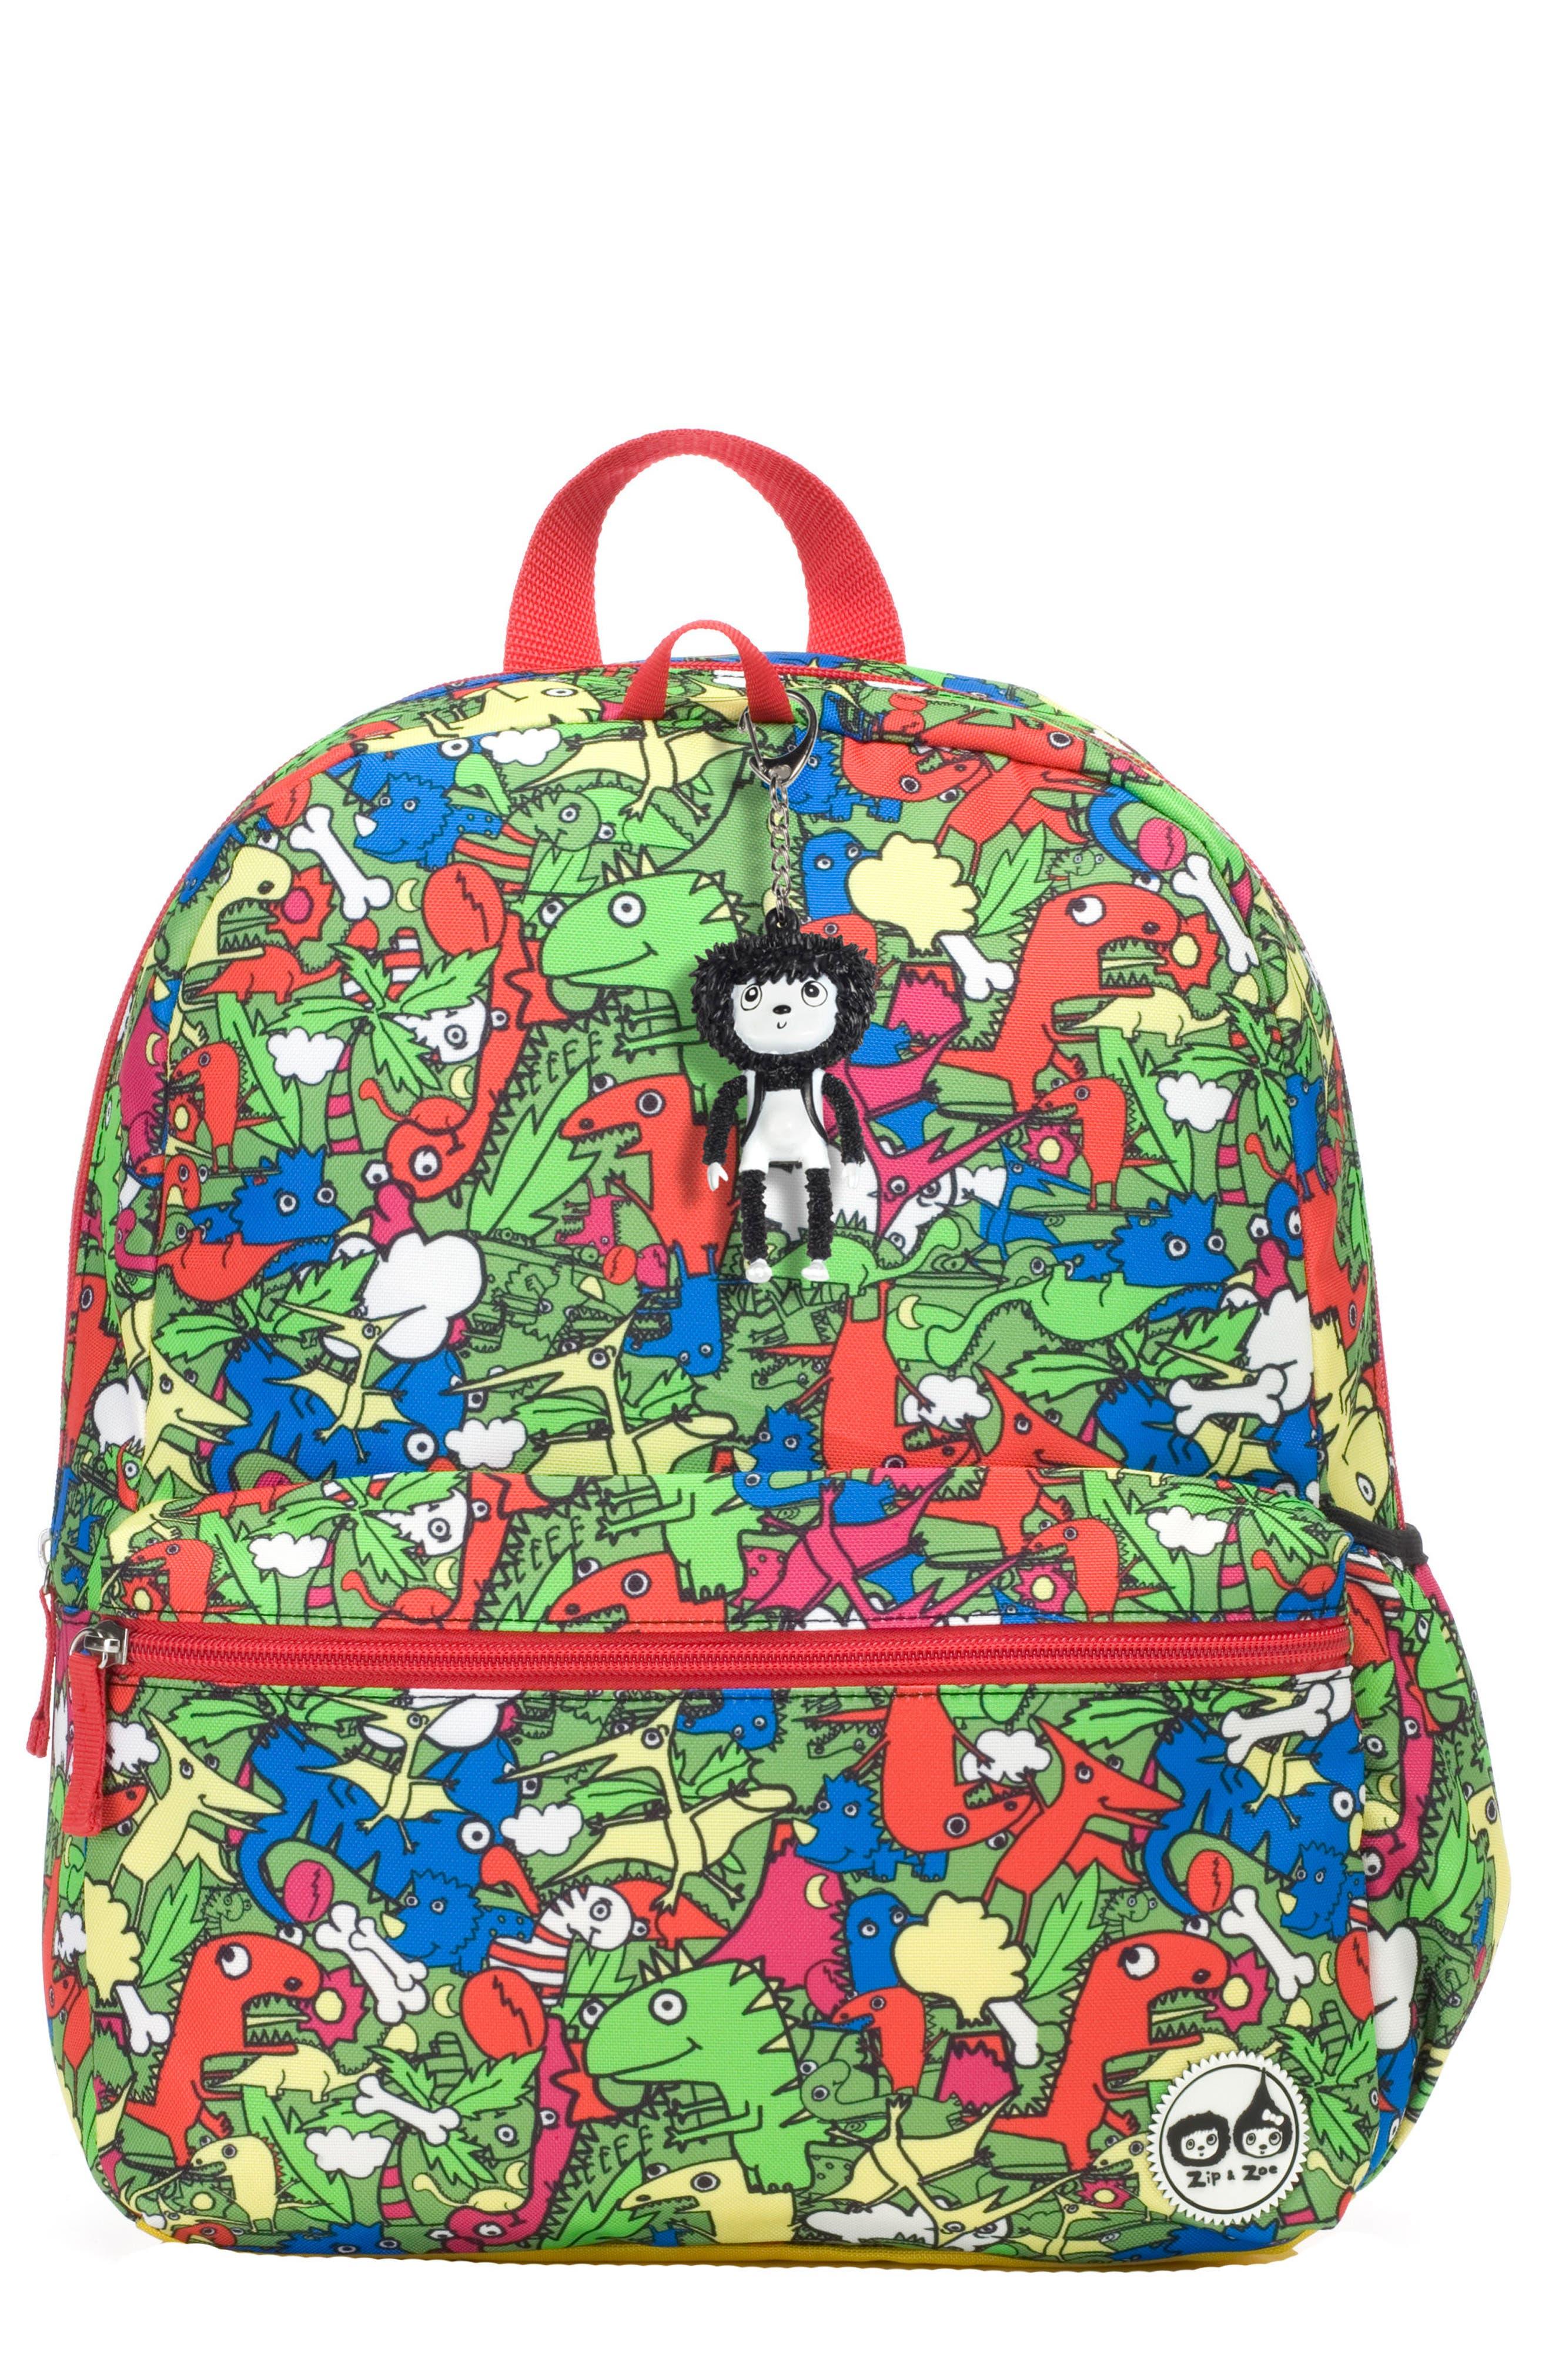 Alternate Image 1 Selected - Babymel Zip & Zoe Dino Junior Backpack (Kids)